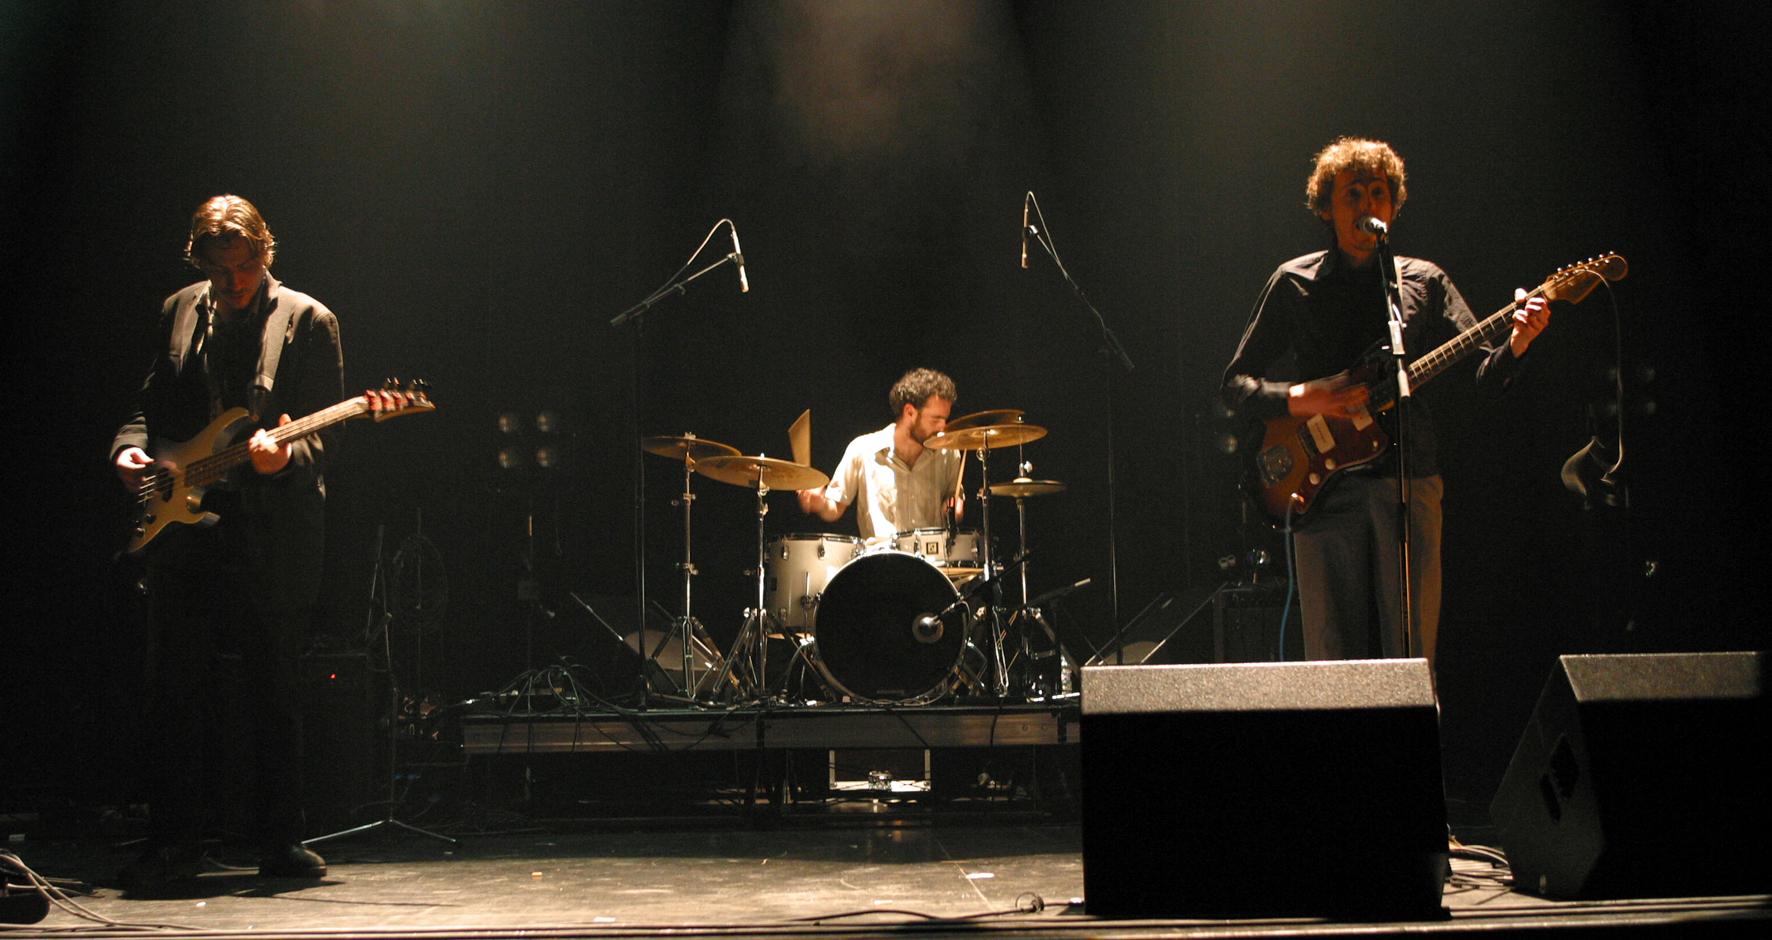 Sébastien Chadelaud sur la scène Des lendemains Qui Chantent en 2005 avec Pornboy en trio. Photo Jacky Chevrier.